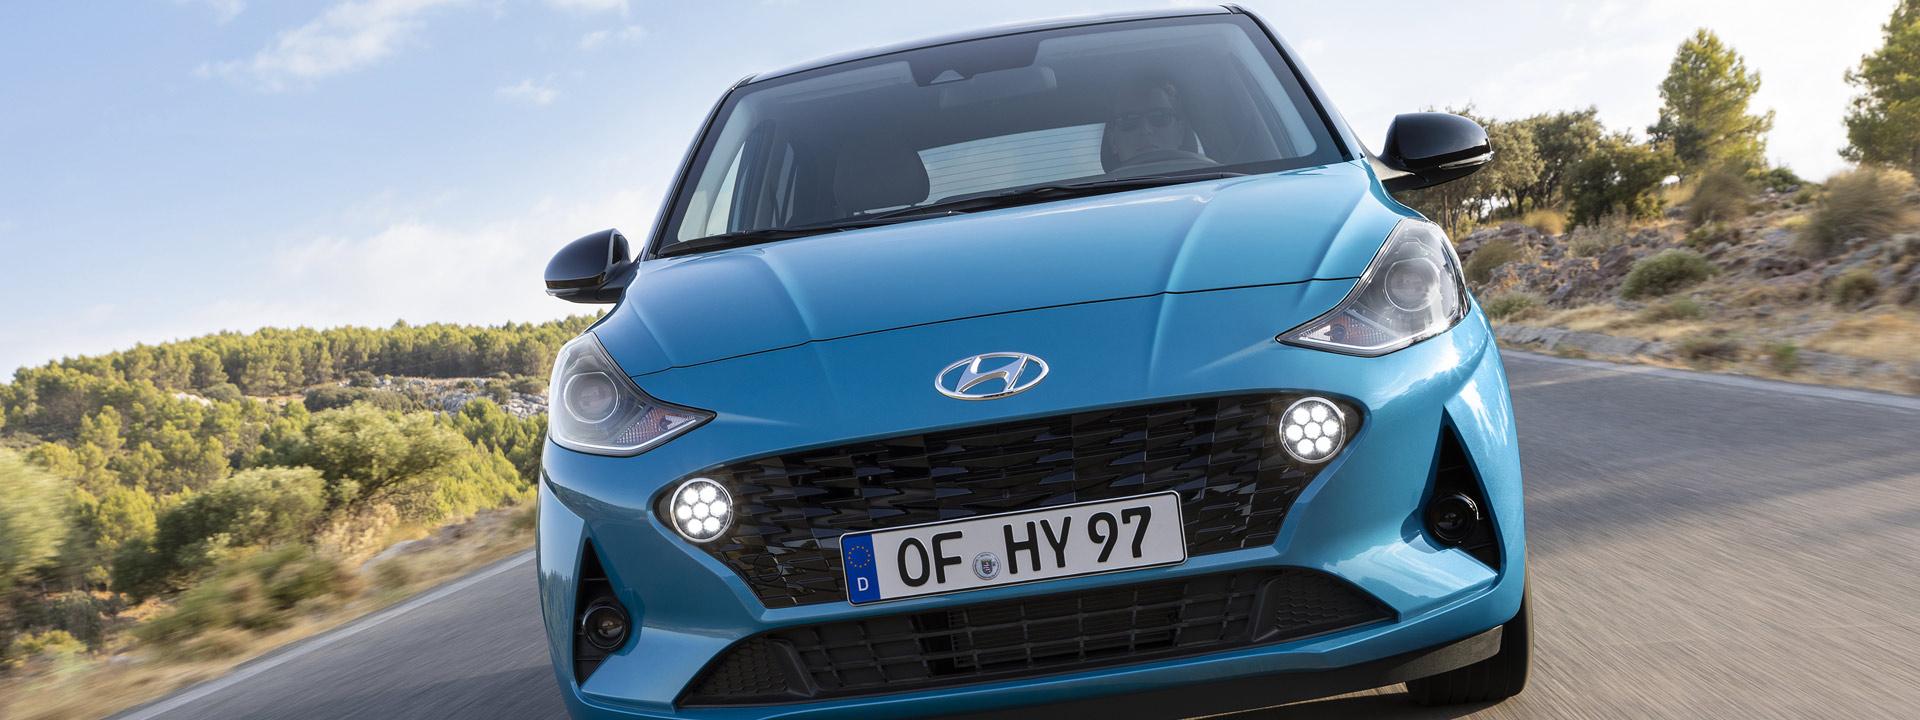 Hyundai i10 Sieger Vergleichstest